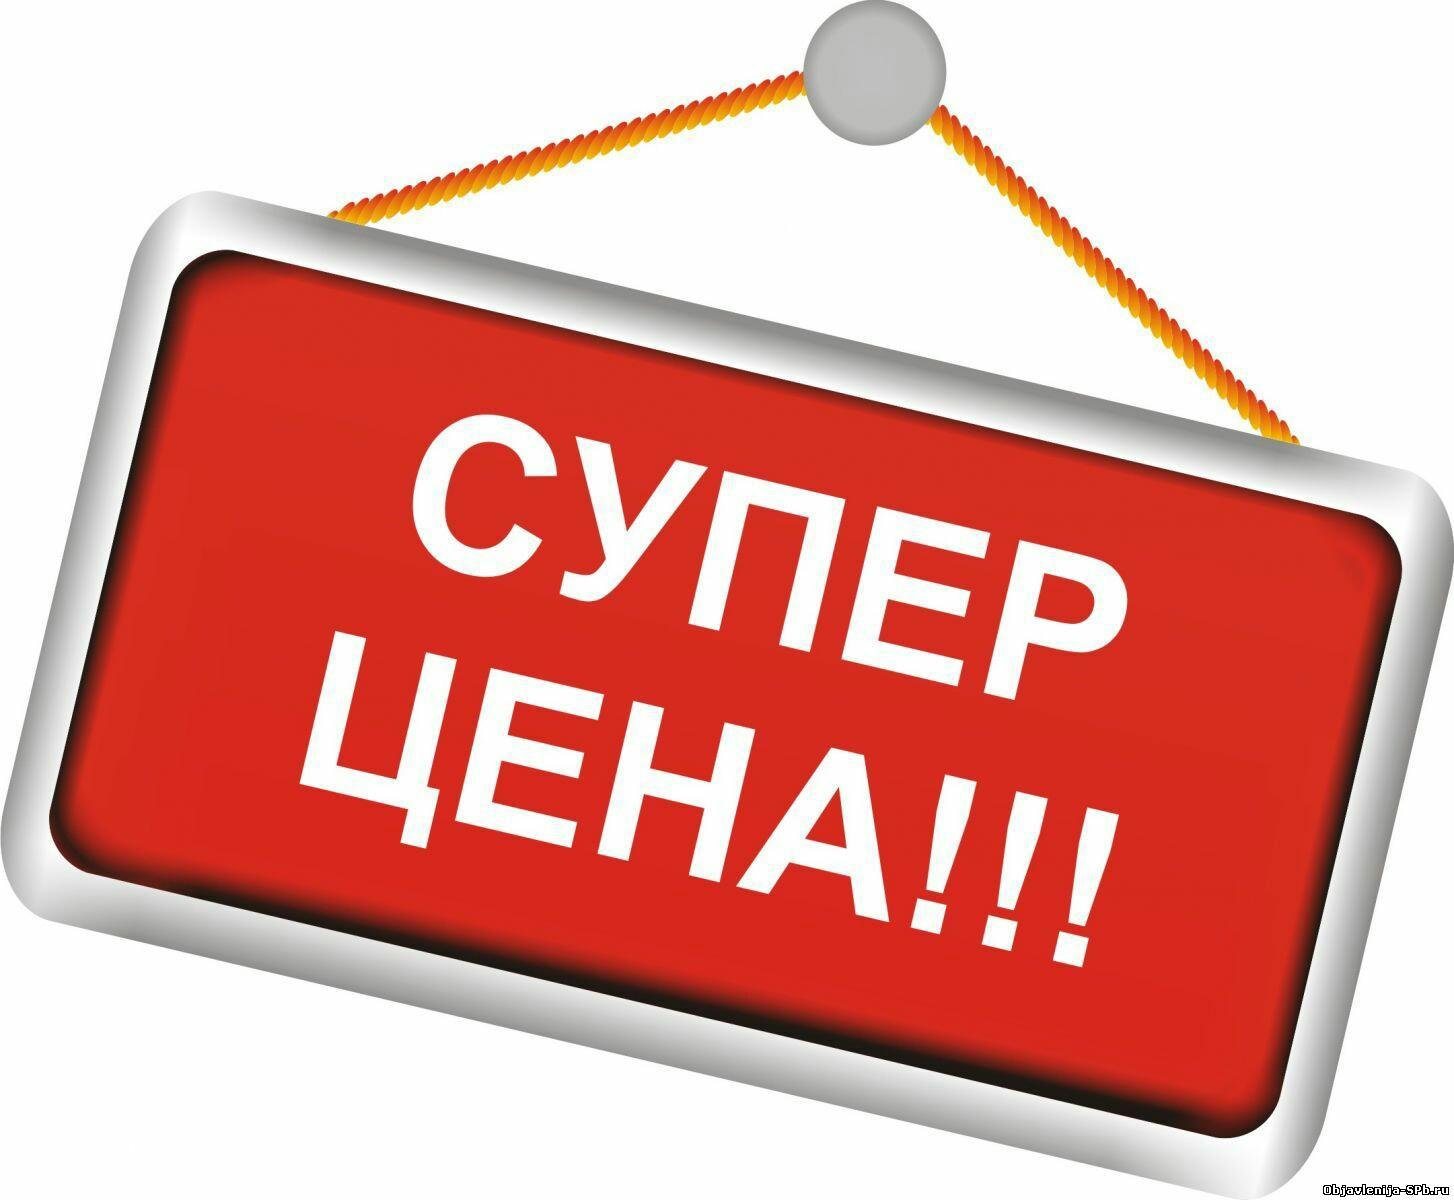 https://pp.userapi.com/c847122/v847122357/fb297/9vpcjBenOG0.jpg